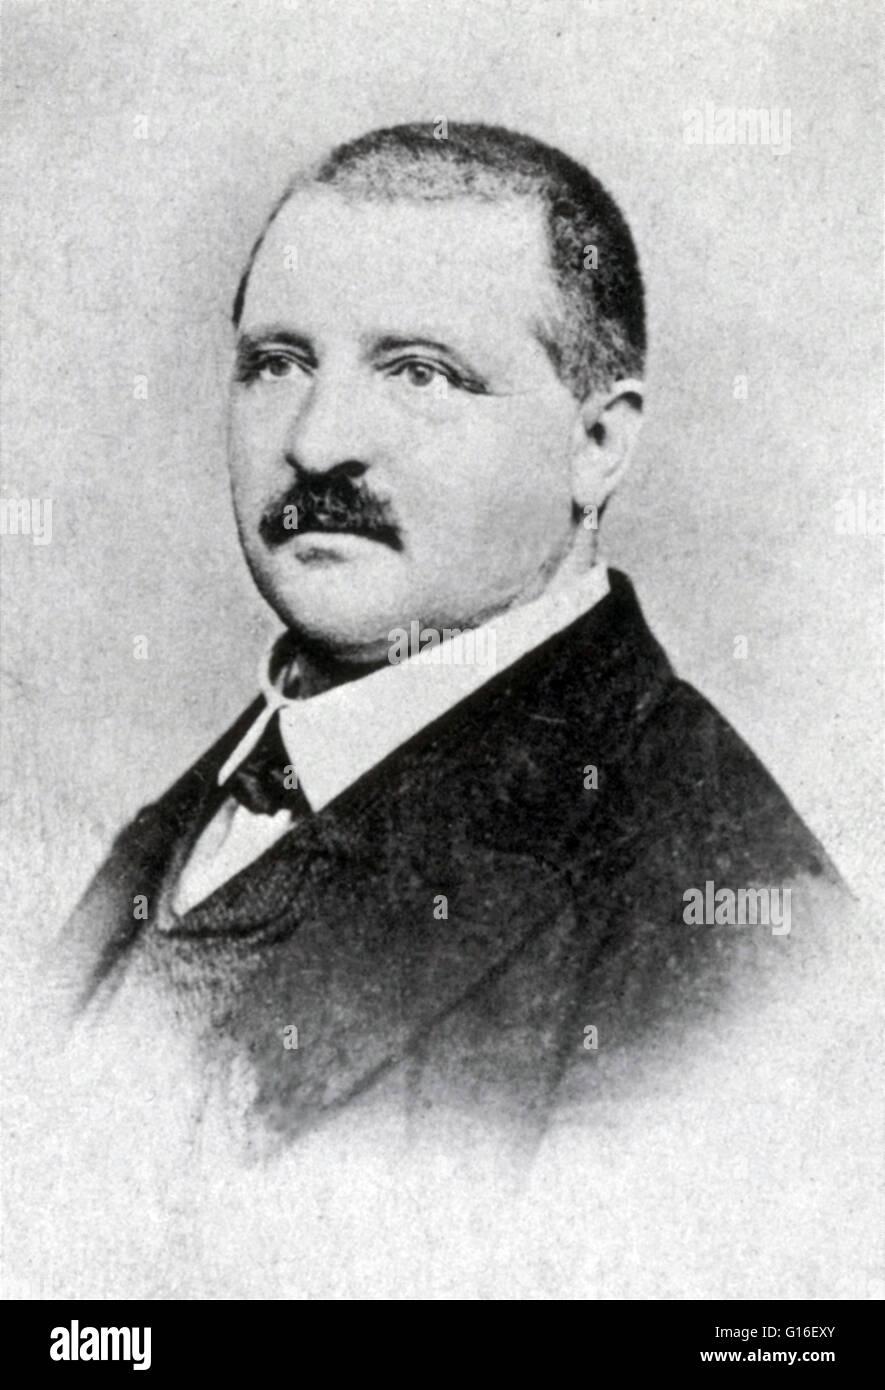 Anton Bruckner (4. September 1824 - 11. Oktober 1896) war ein österreichischer Komponist, bekannt für Stockbild